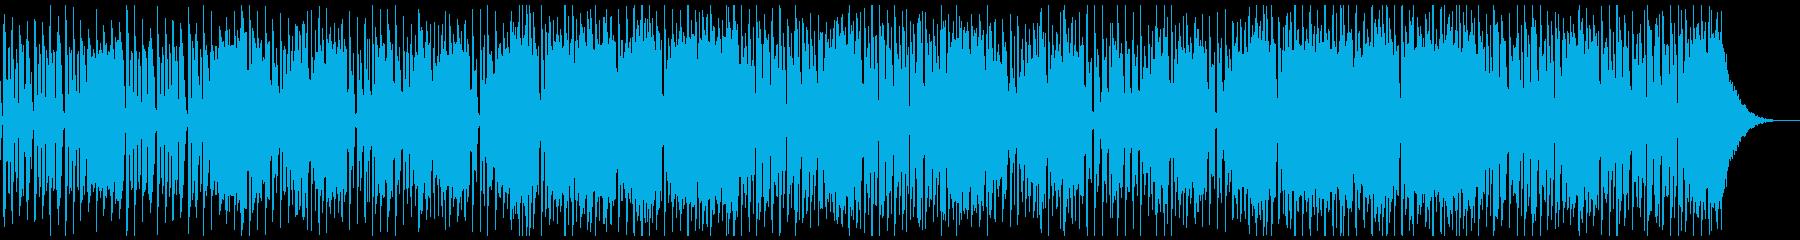 爽やかで可愛いアコースティックポップの再生済みの波形